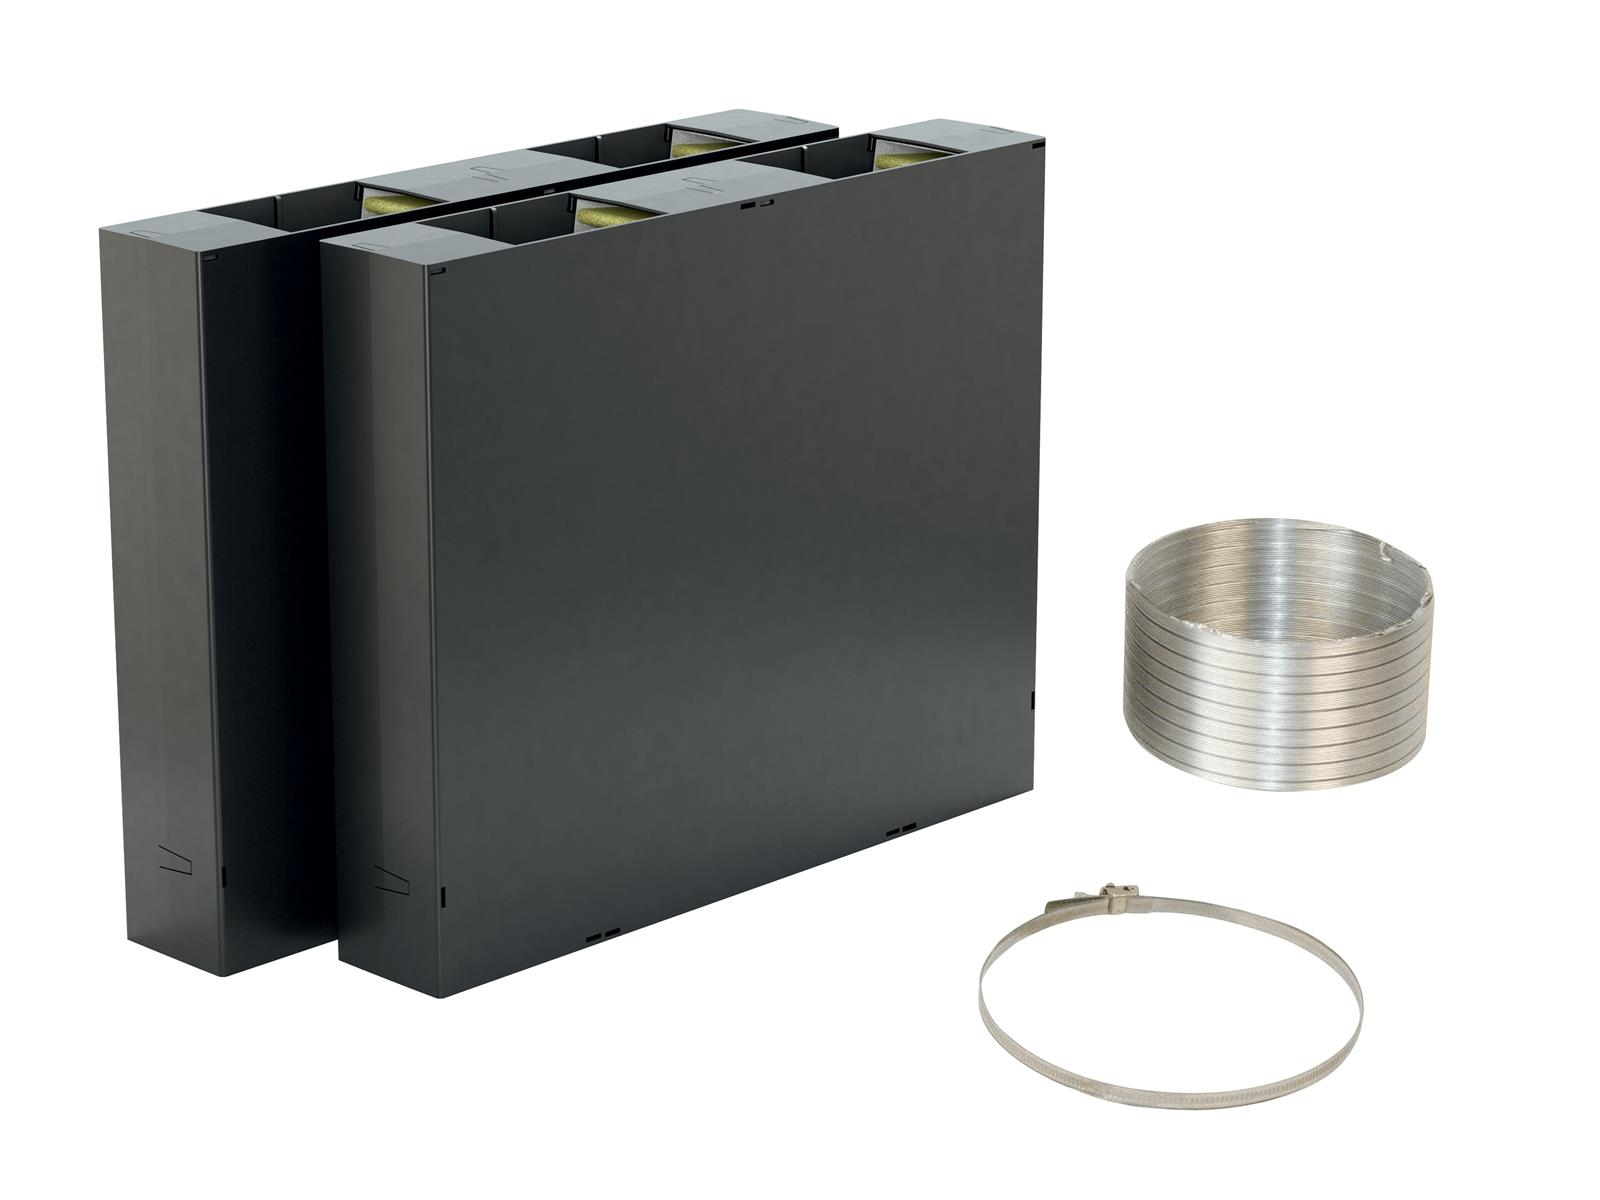 Bosch DSZ1WW1I6 Clean Air Plus Umluftset